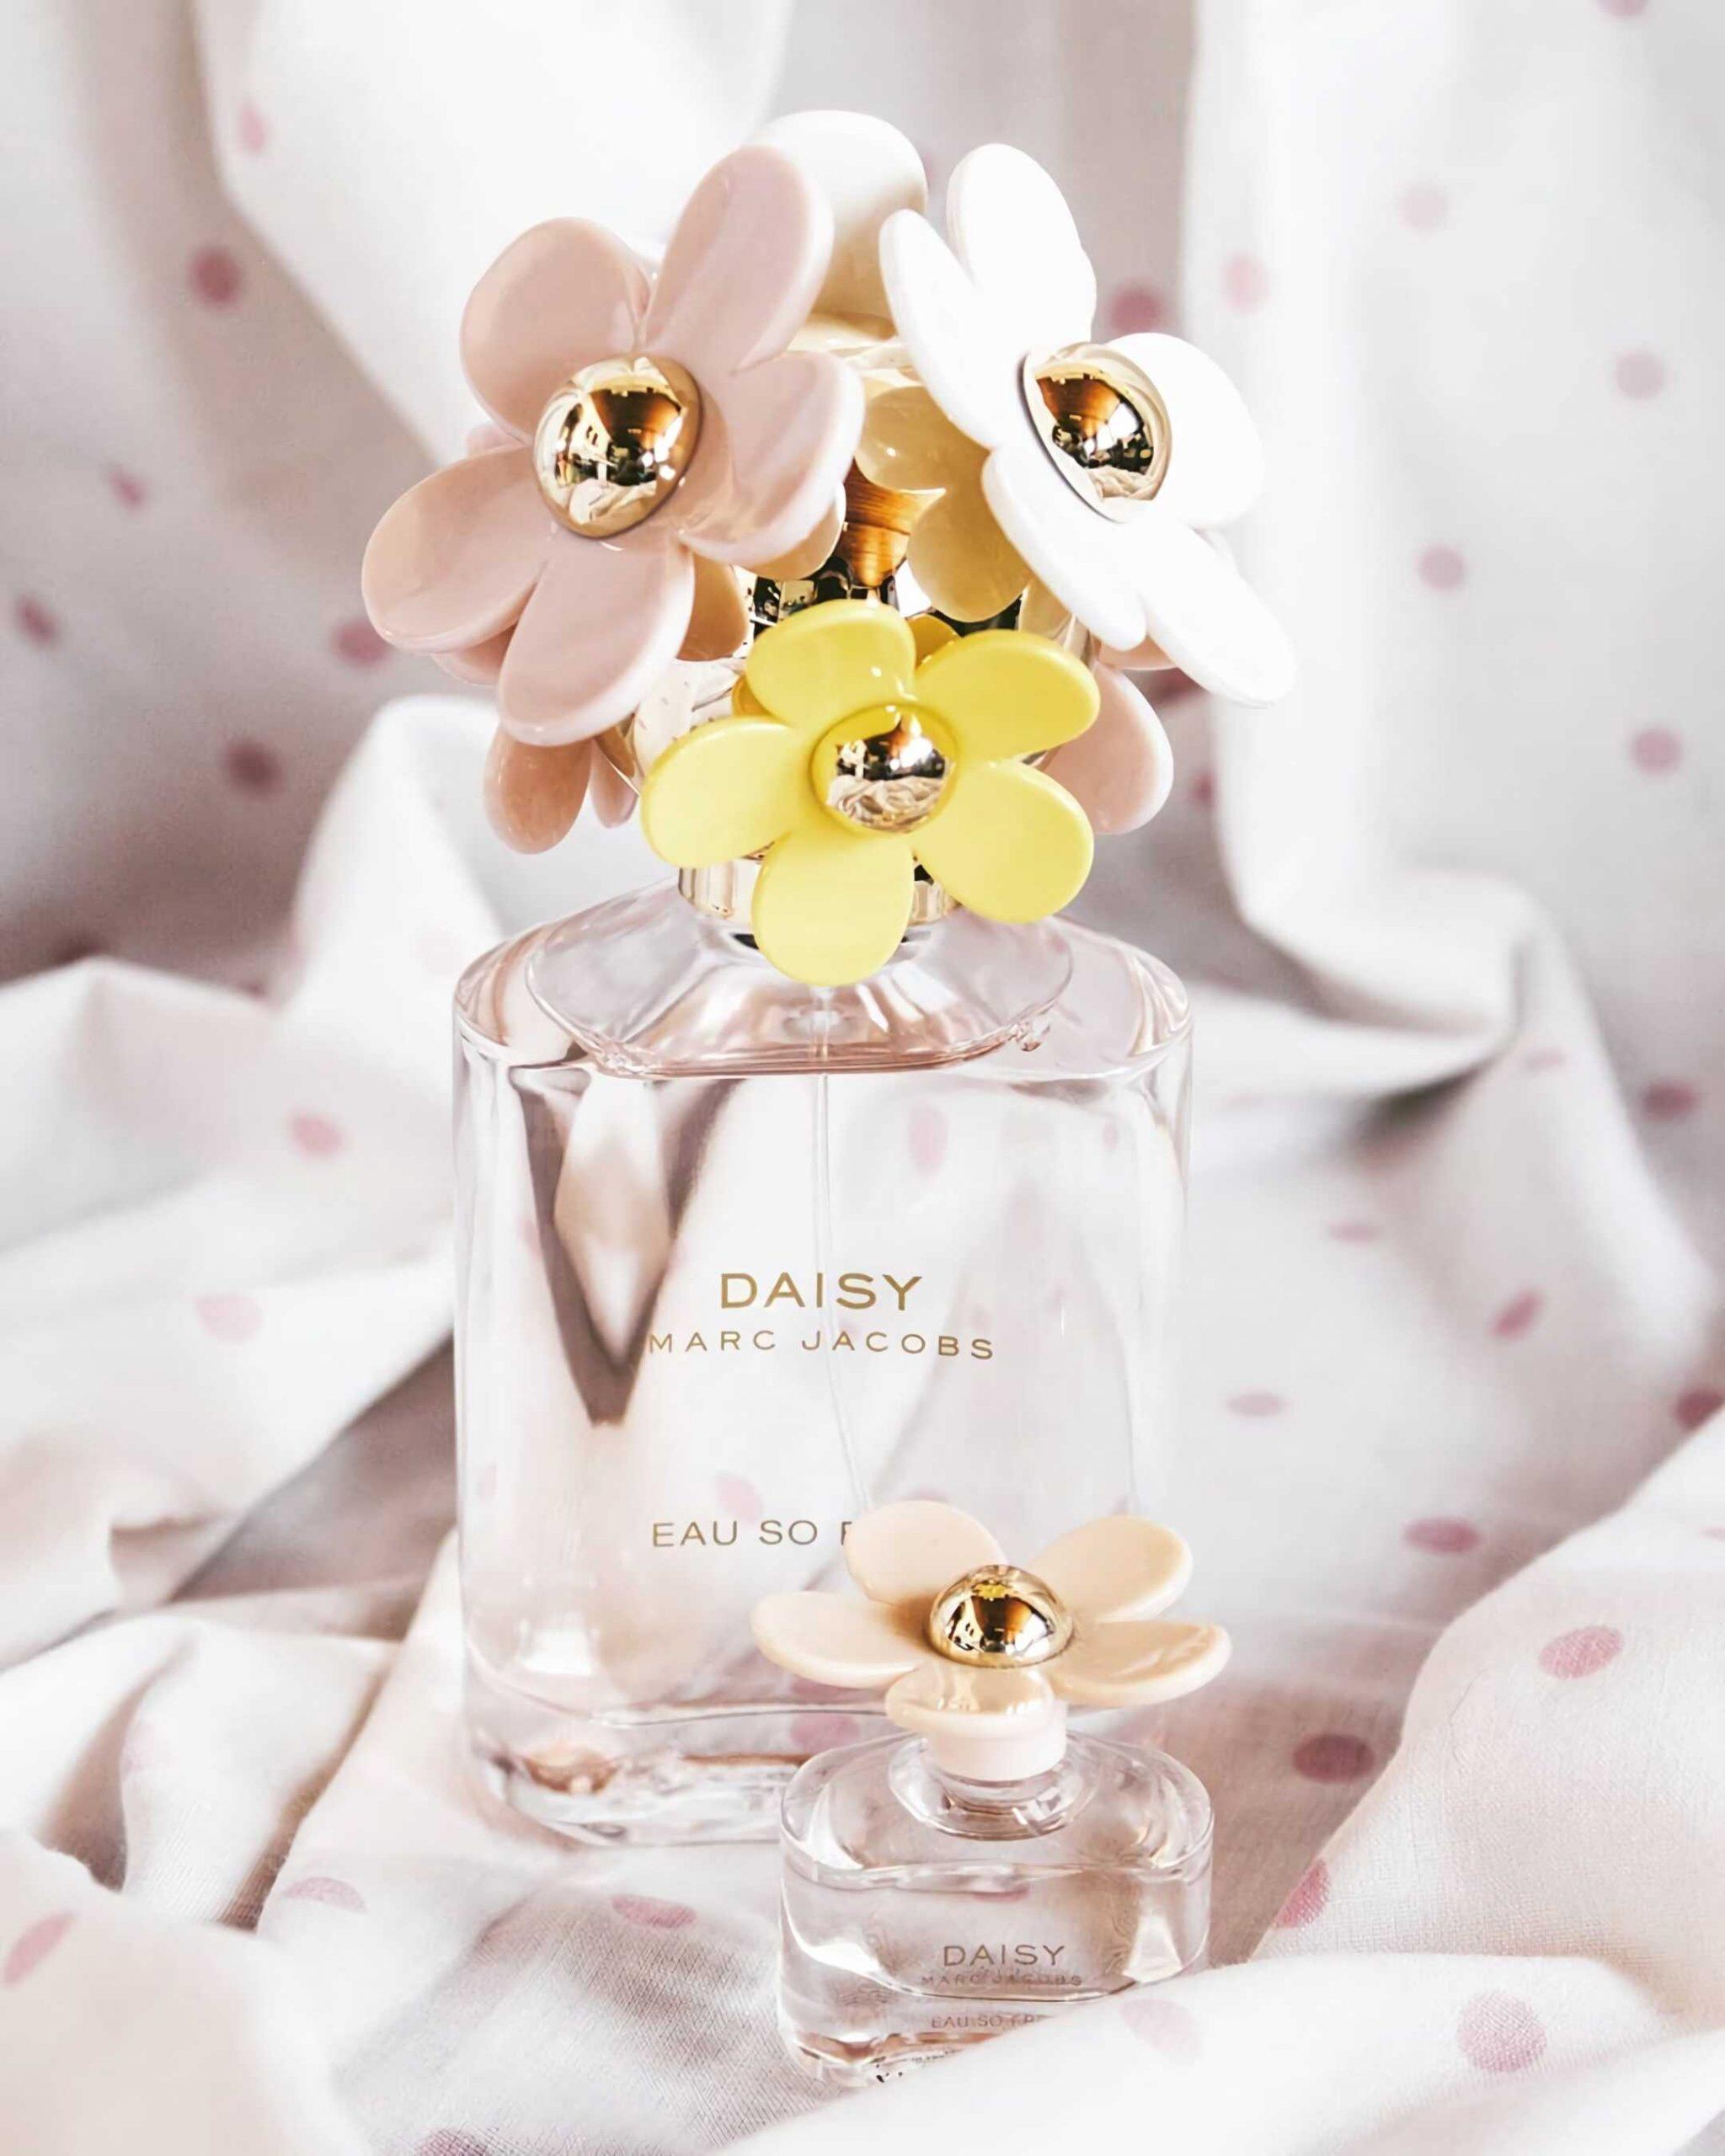 стойкие духи с цветочным ароматом Marc Jacobs Fragrances Daisy Eau So Fresh